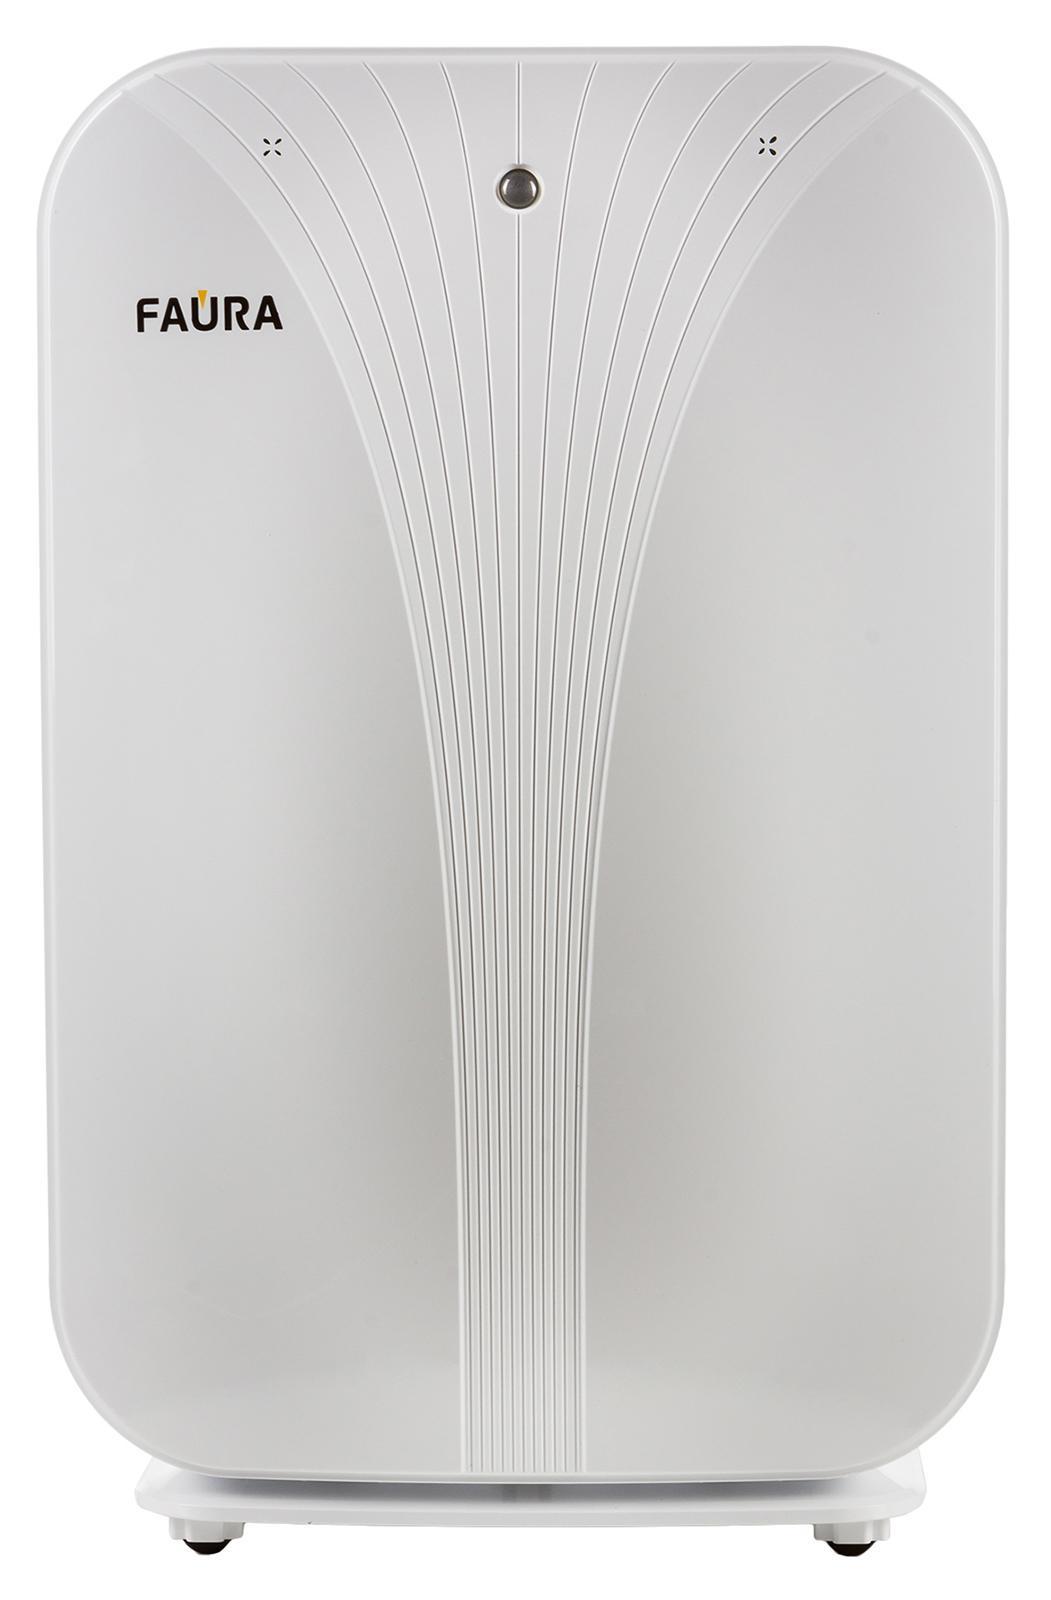 Faura NFC 260 Aqua, White климатический комплекс